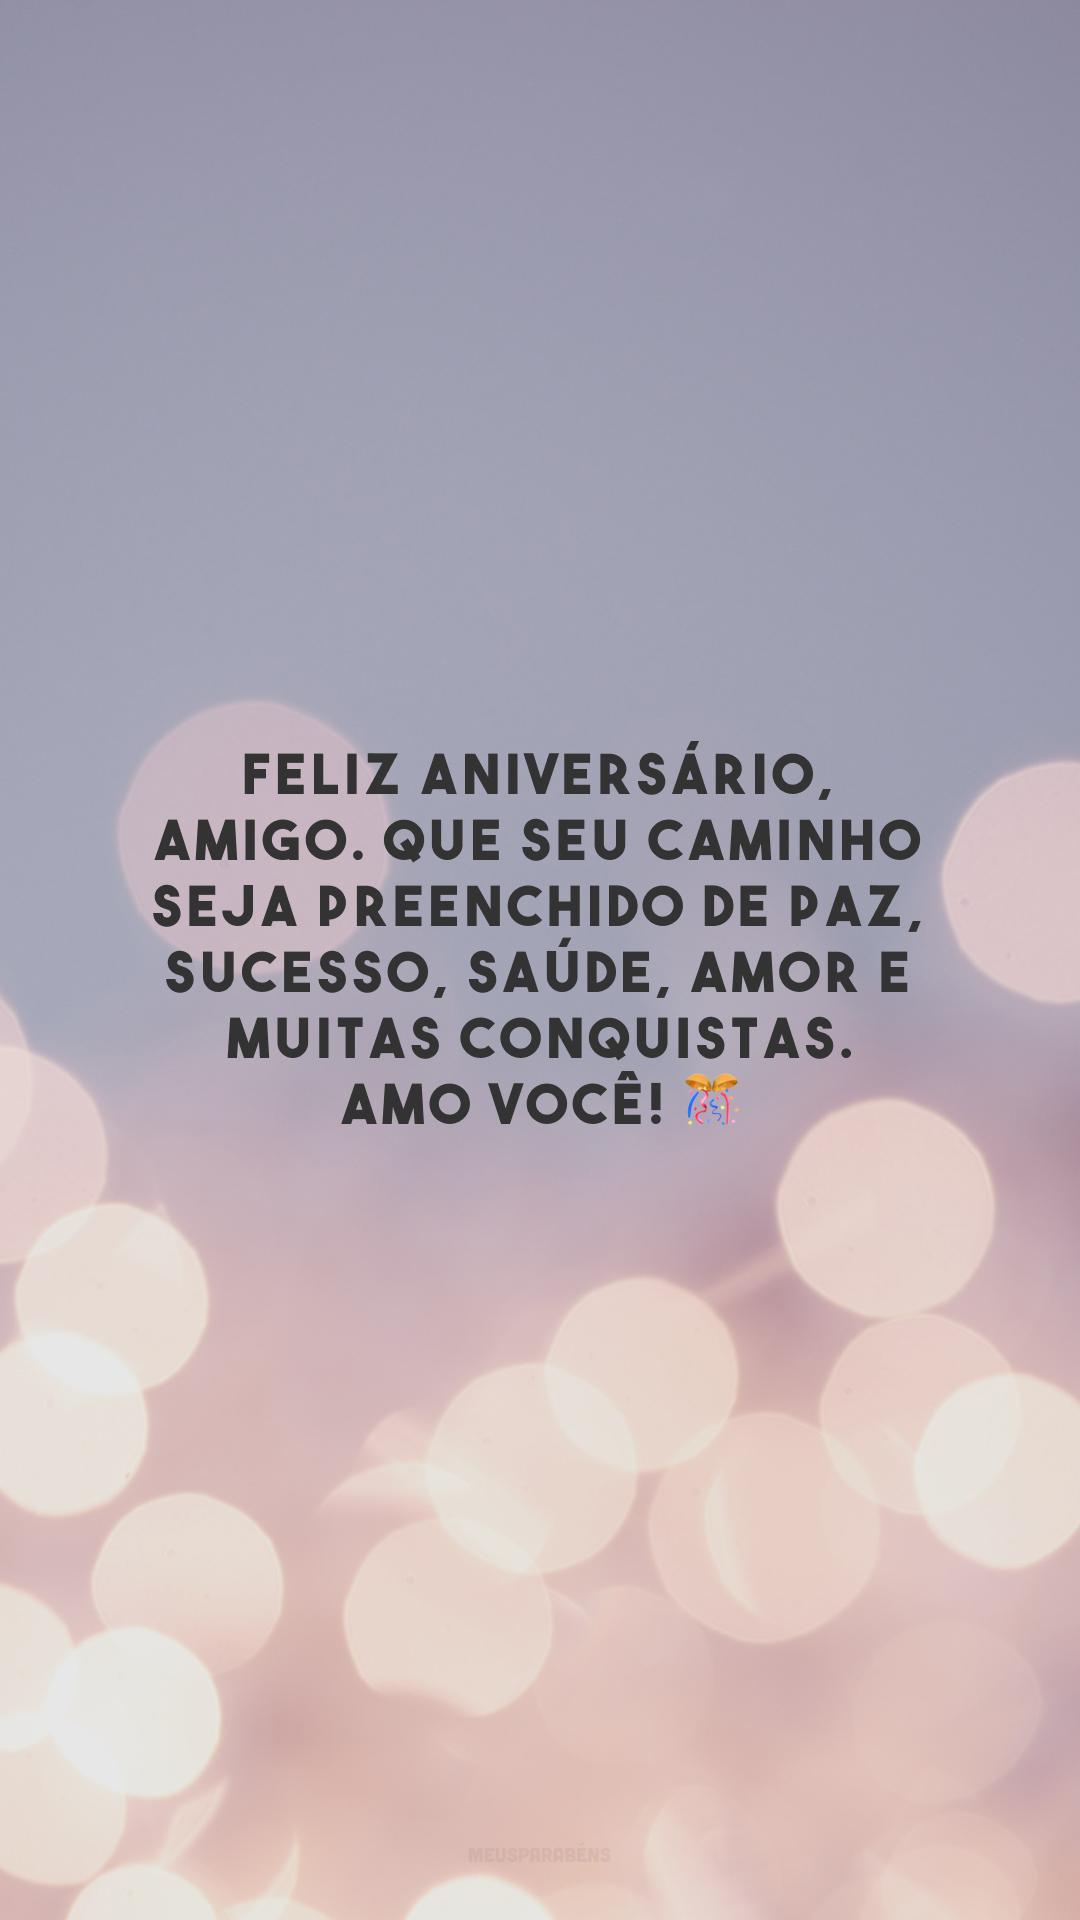 Feliz aniversário, amigo. Que seu caminho seja preenchido de paz, sucesso, saúde, amor e muitas conquistas. Amo você! 🎊